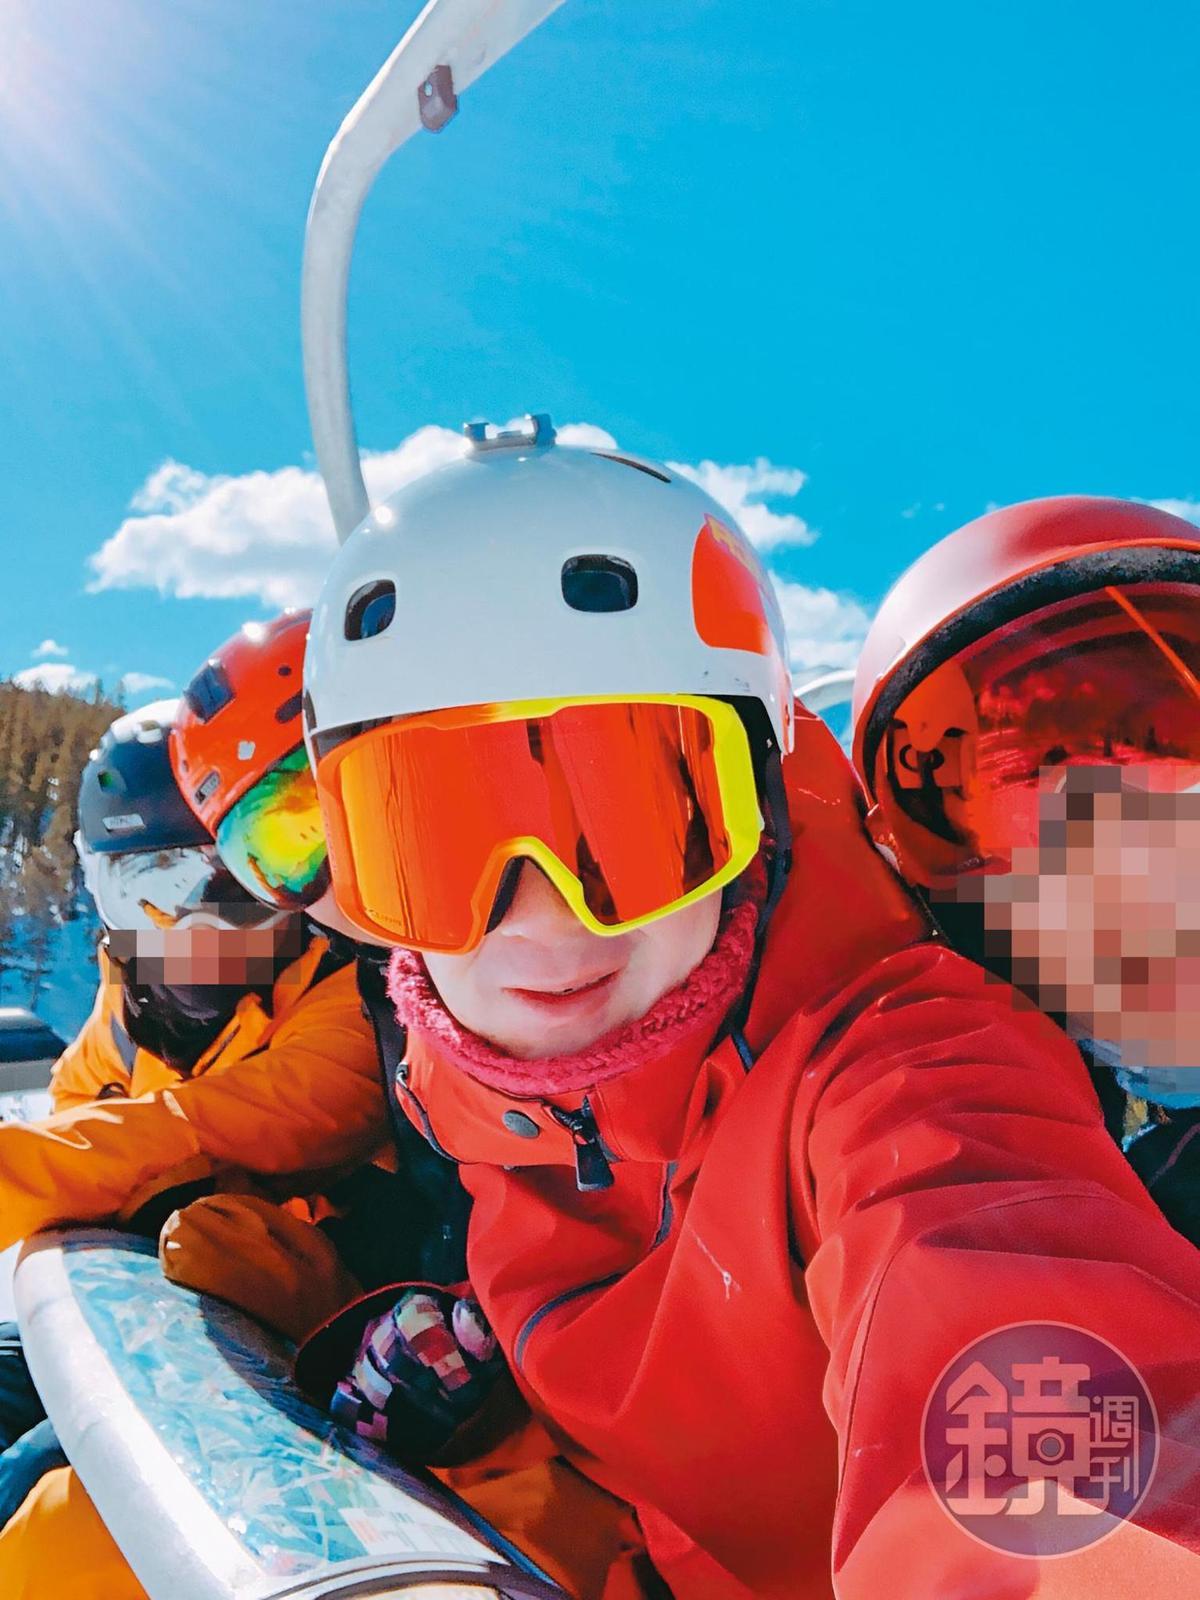 擁有滑雪教練資格的陳翰洋(中),被多名女子指控把滑雪團當成後宮。(讀者提供)